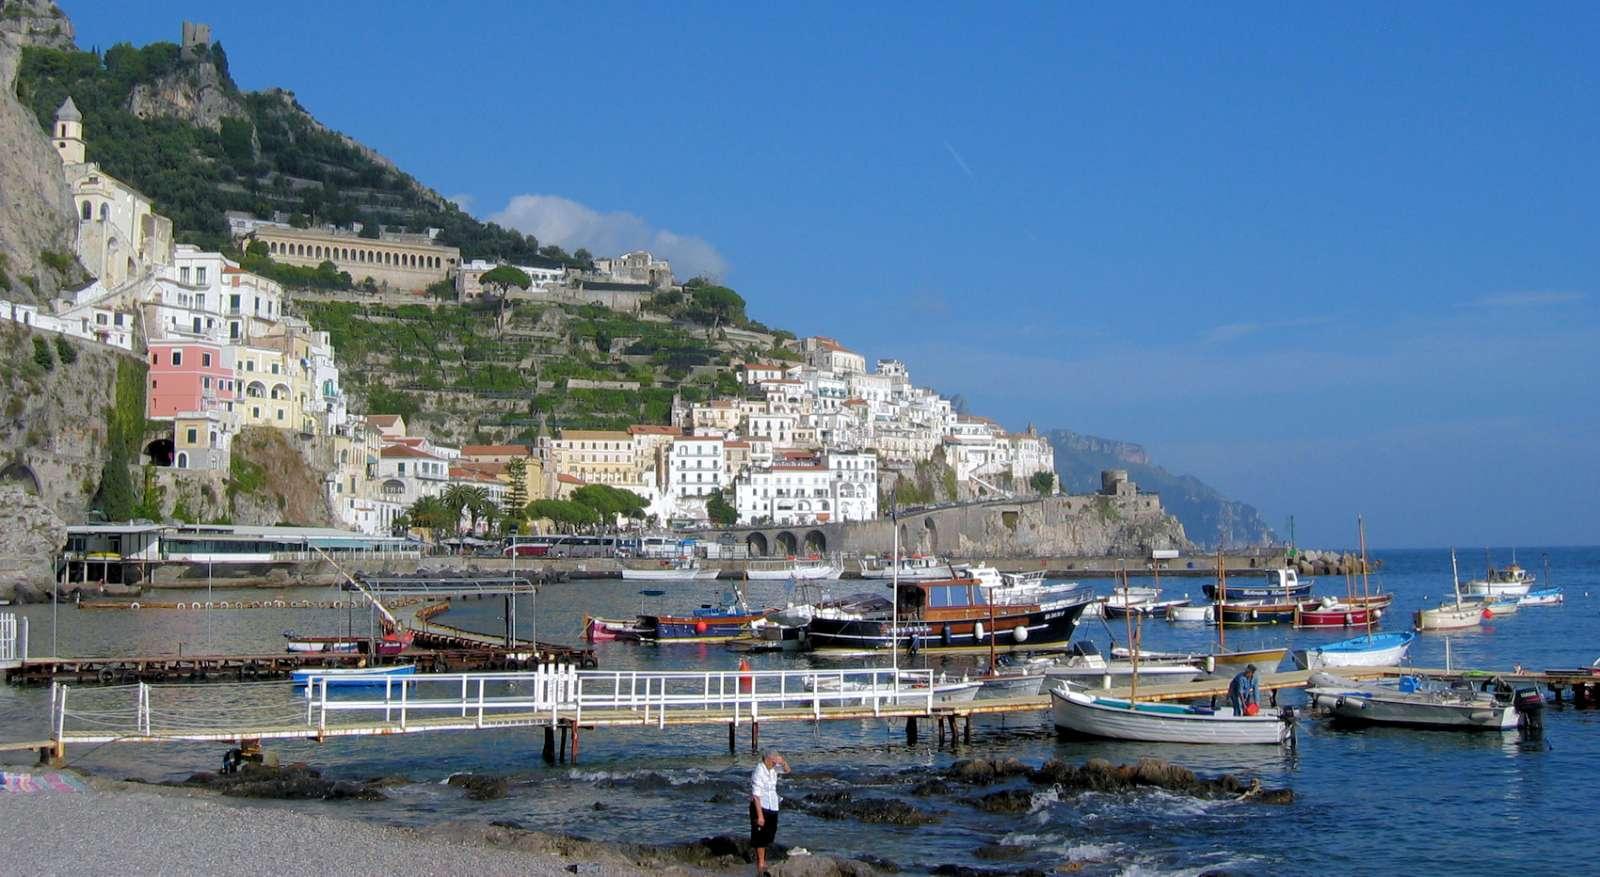 Aussicht über den Hafen, die Küste und die Stadt